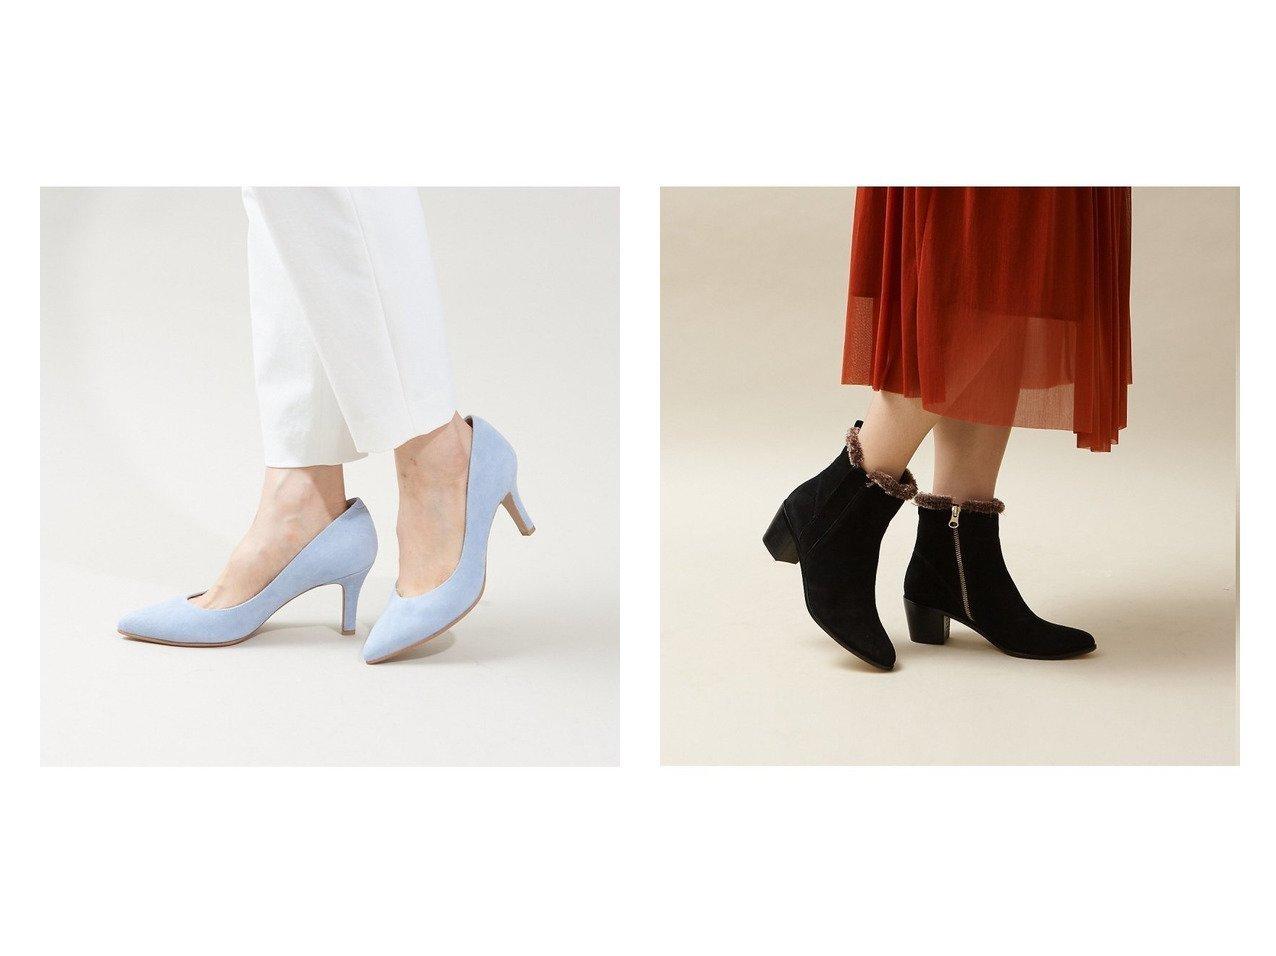 【Au BANNISTER/オゥ バニスター】のSaffree ハイヒールパンプス&隠しサイドゴアファーブーツ シューズ・靴のおすすめ!人気、トレンド・レディースファッションの通販  おすすめで人気の流行・トレンド、ファッションの通販商品 メンズファッション・キッズファッション・インテリア・家具・レディースファッション・服の通販 founy(ファニー) https://founy.com/ ファッション Fashion レディースファッション WOMEN シューズ シンプル ダウン デニム ハイヒール 人気 ショート ジップ ブロック ベーシック |ID:crp329100000019269